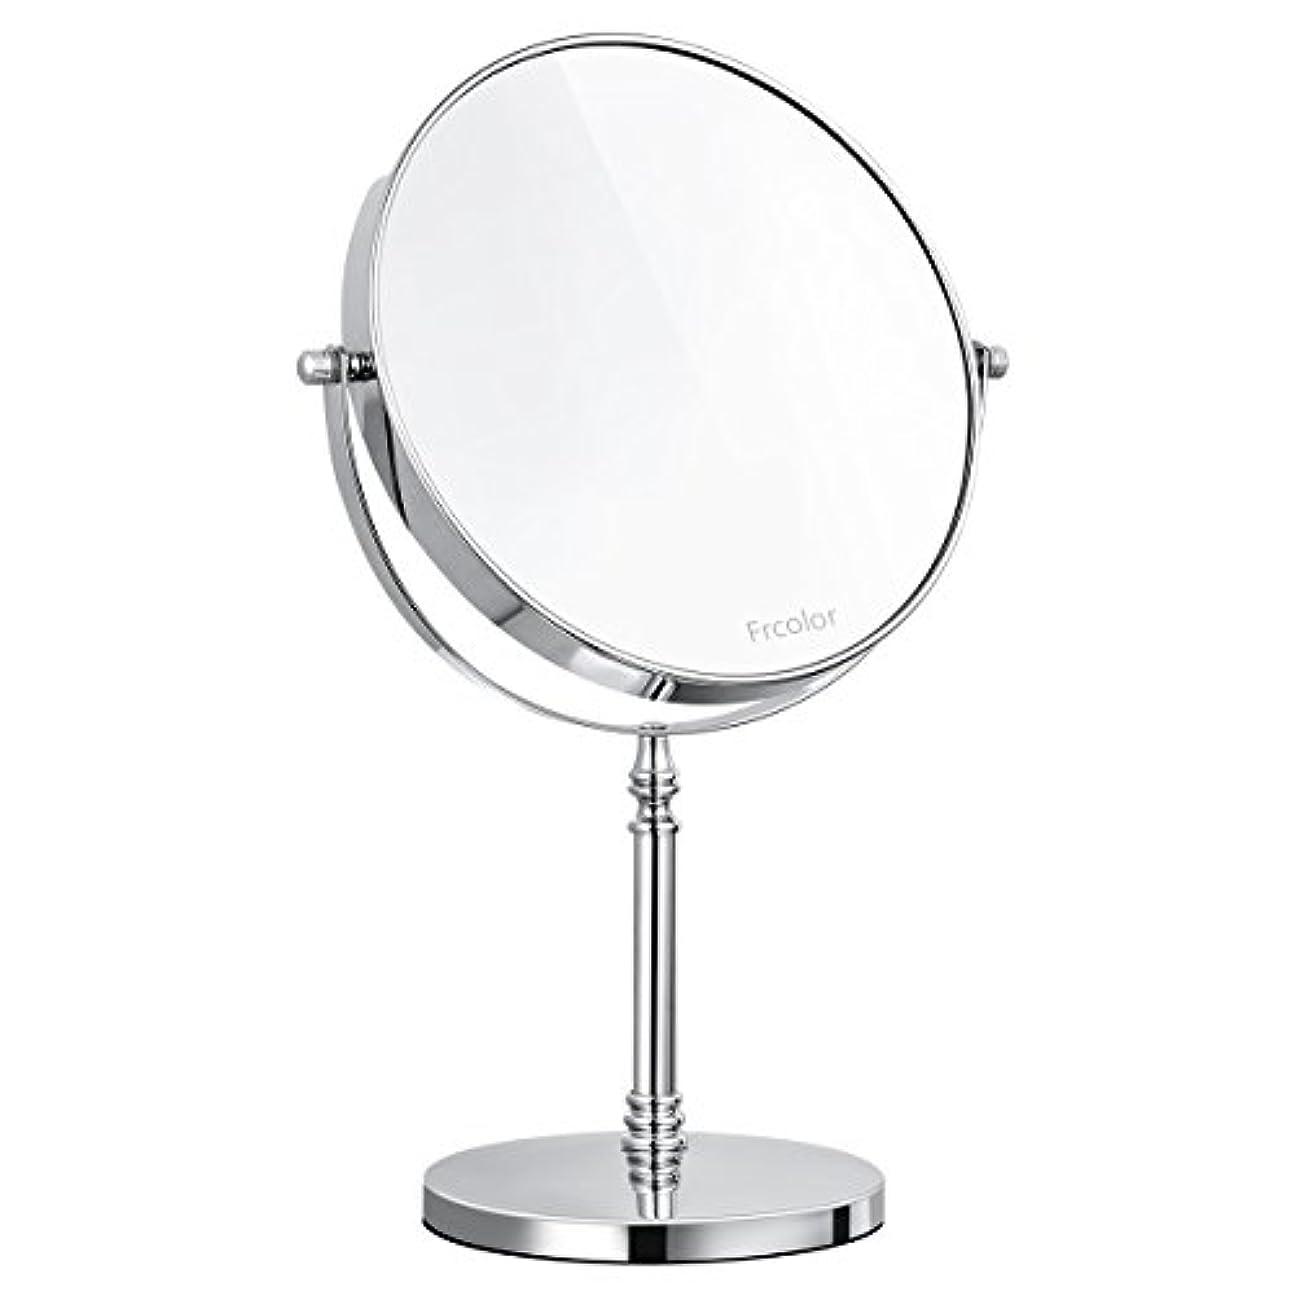 ぬいぐるみ記者明快Frcolor 化粧鏡 卓上ミラー 両面鏡 スタンドミラー 10倍拡大鏡 ラウンド 拭く布を付き 8インチ 360度回転 メイクアップミラー